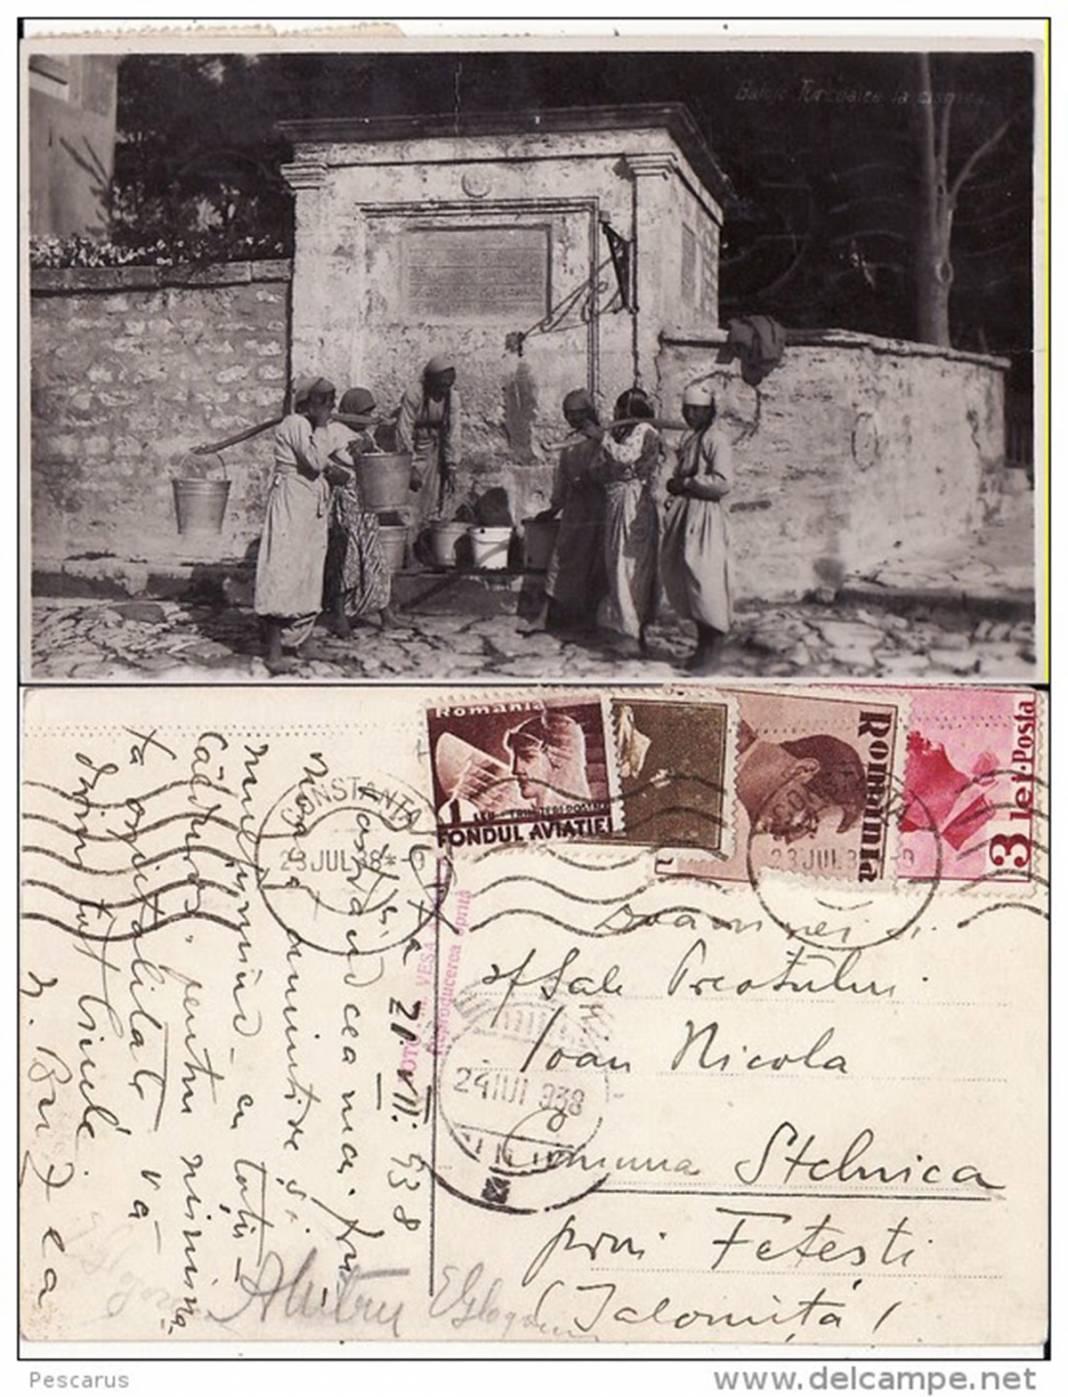 İşte Dobruca'da yaşayan Türklerin tarihine ışık tutacak kareler 40